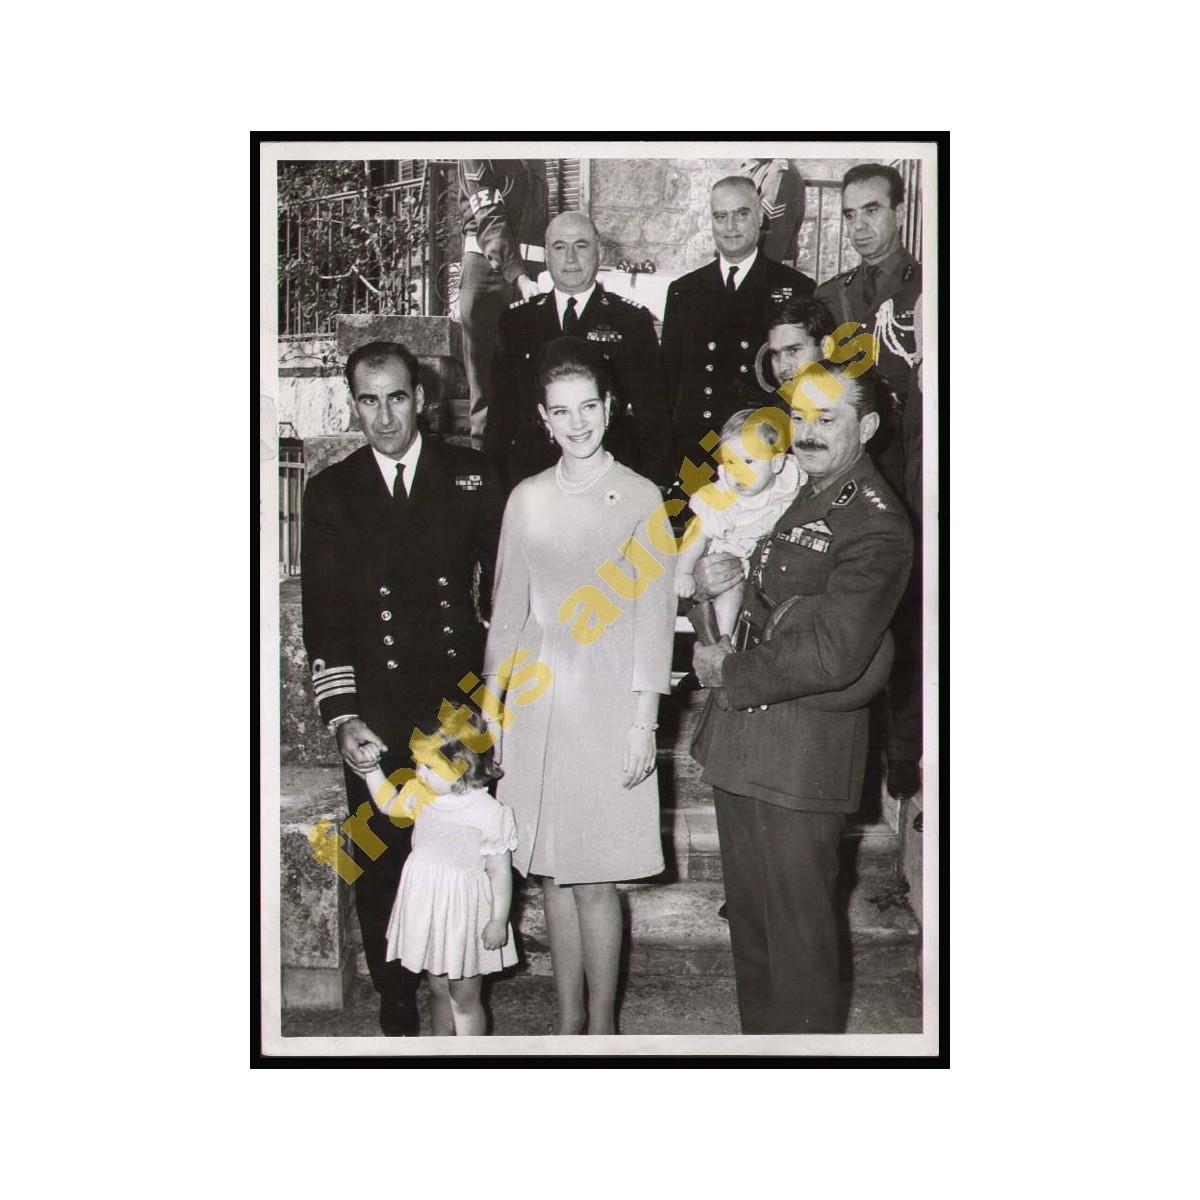 2 Φωτογραφίες της Βασίλισσας Άννα-Μαρίας με τις 2 μικρές πριγκίπισσες.